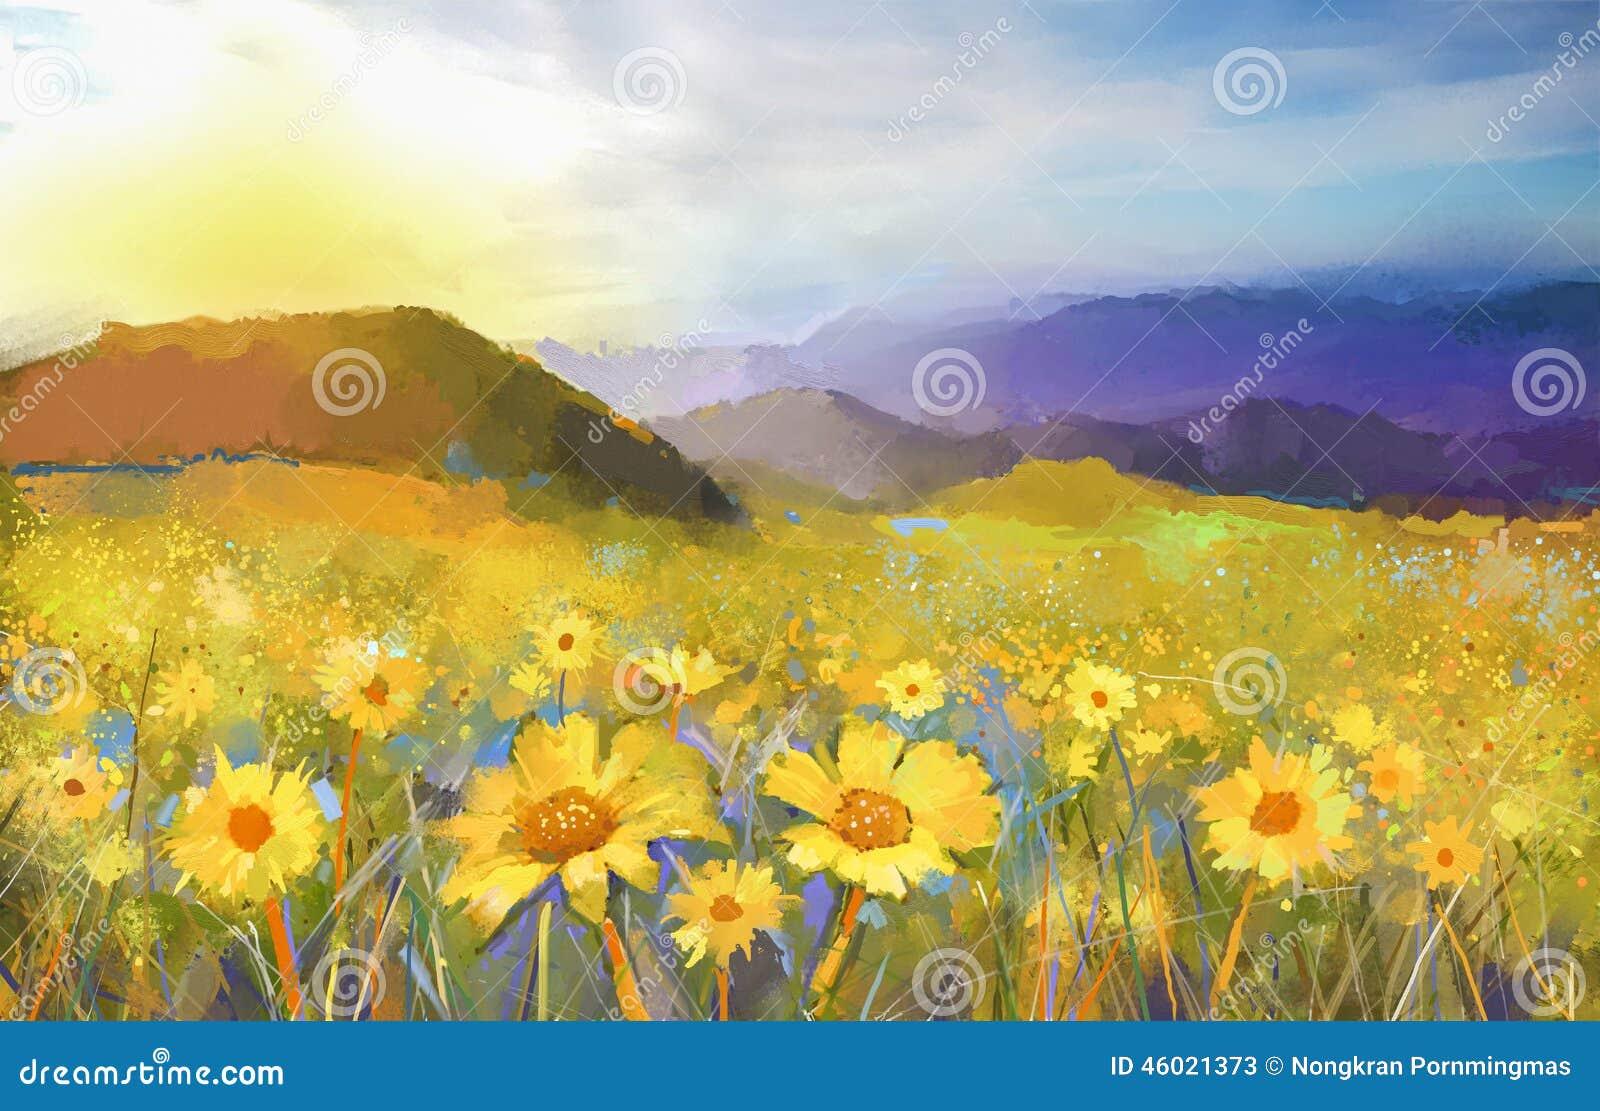 Gänseblümchenblumenblüte Ölgemälde einer ländlichen Sonnenunterganglandschaft mit einem goldenen Gänseblümchenfeld